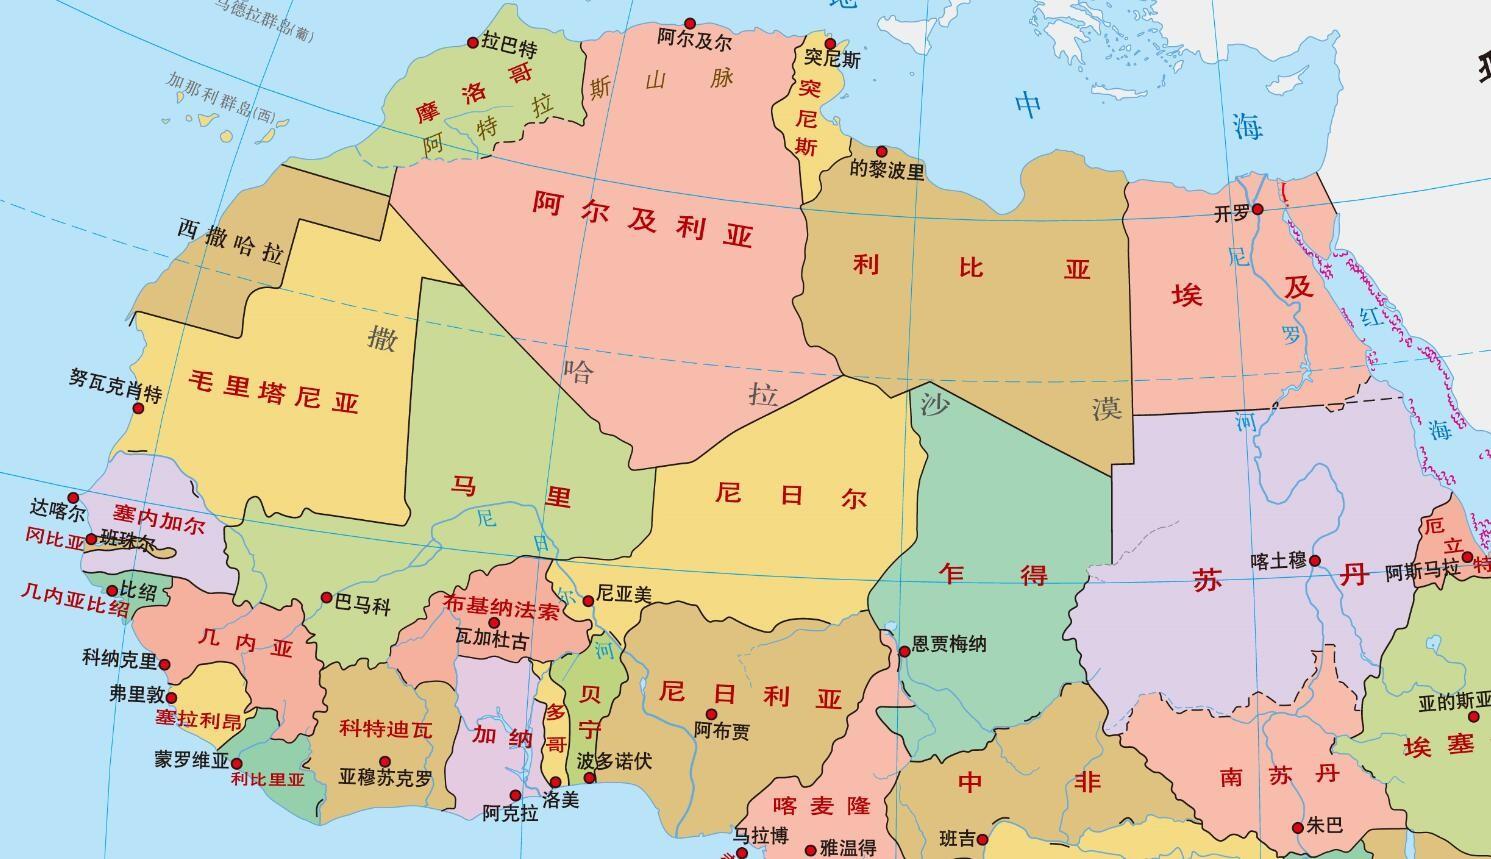 """中国""""驴友""""欲徒步穿越非洲 身患疟疾后使馆喊话劝阻_图1-4"""